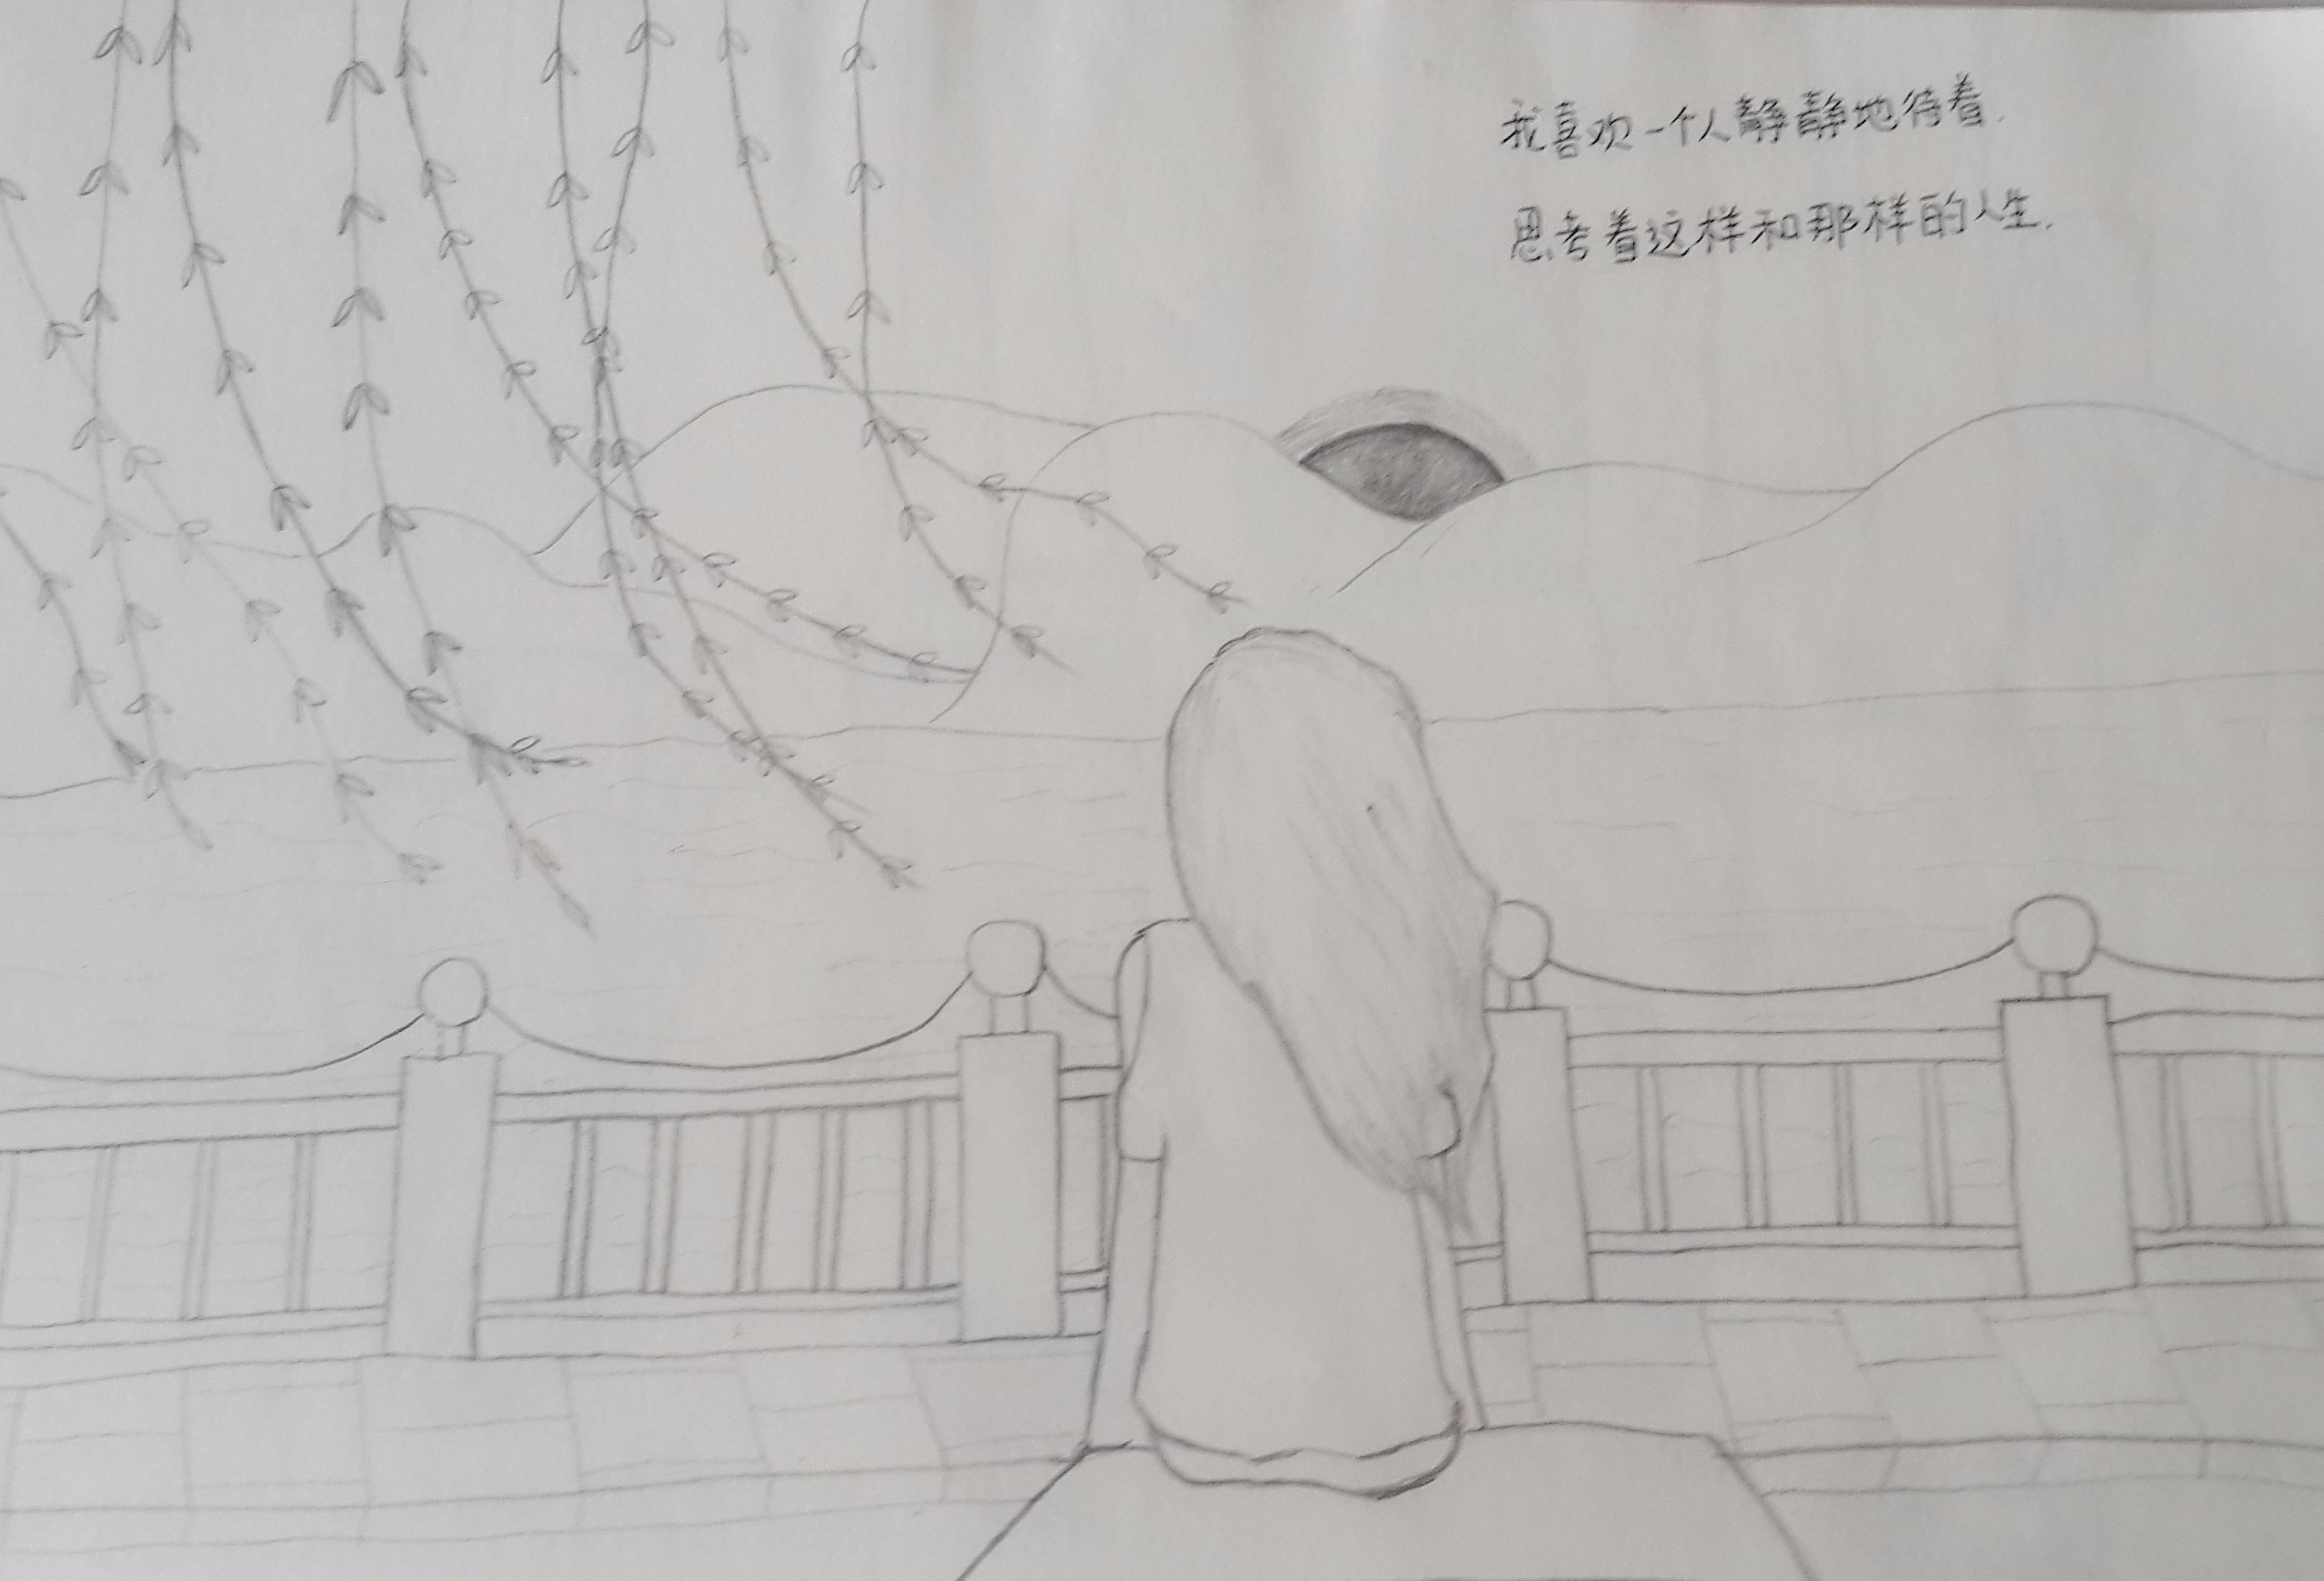 原创文艺小女孩背影ai插画创作